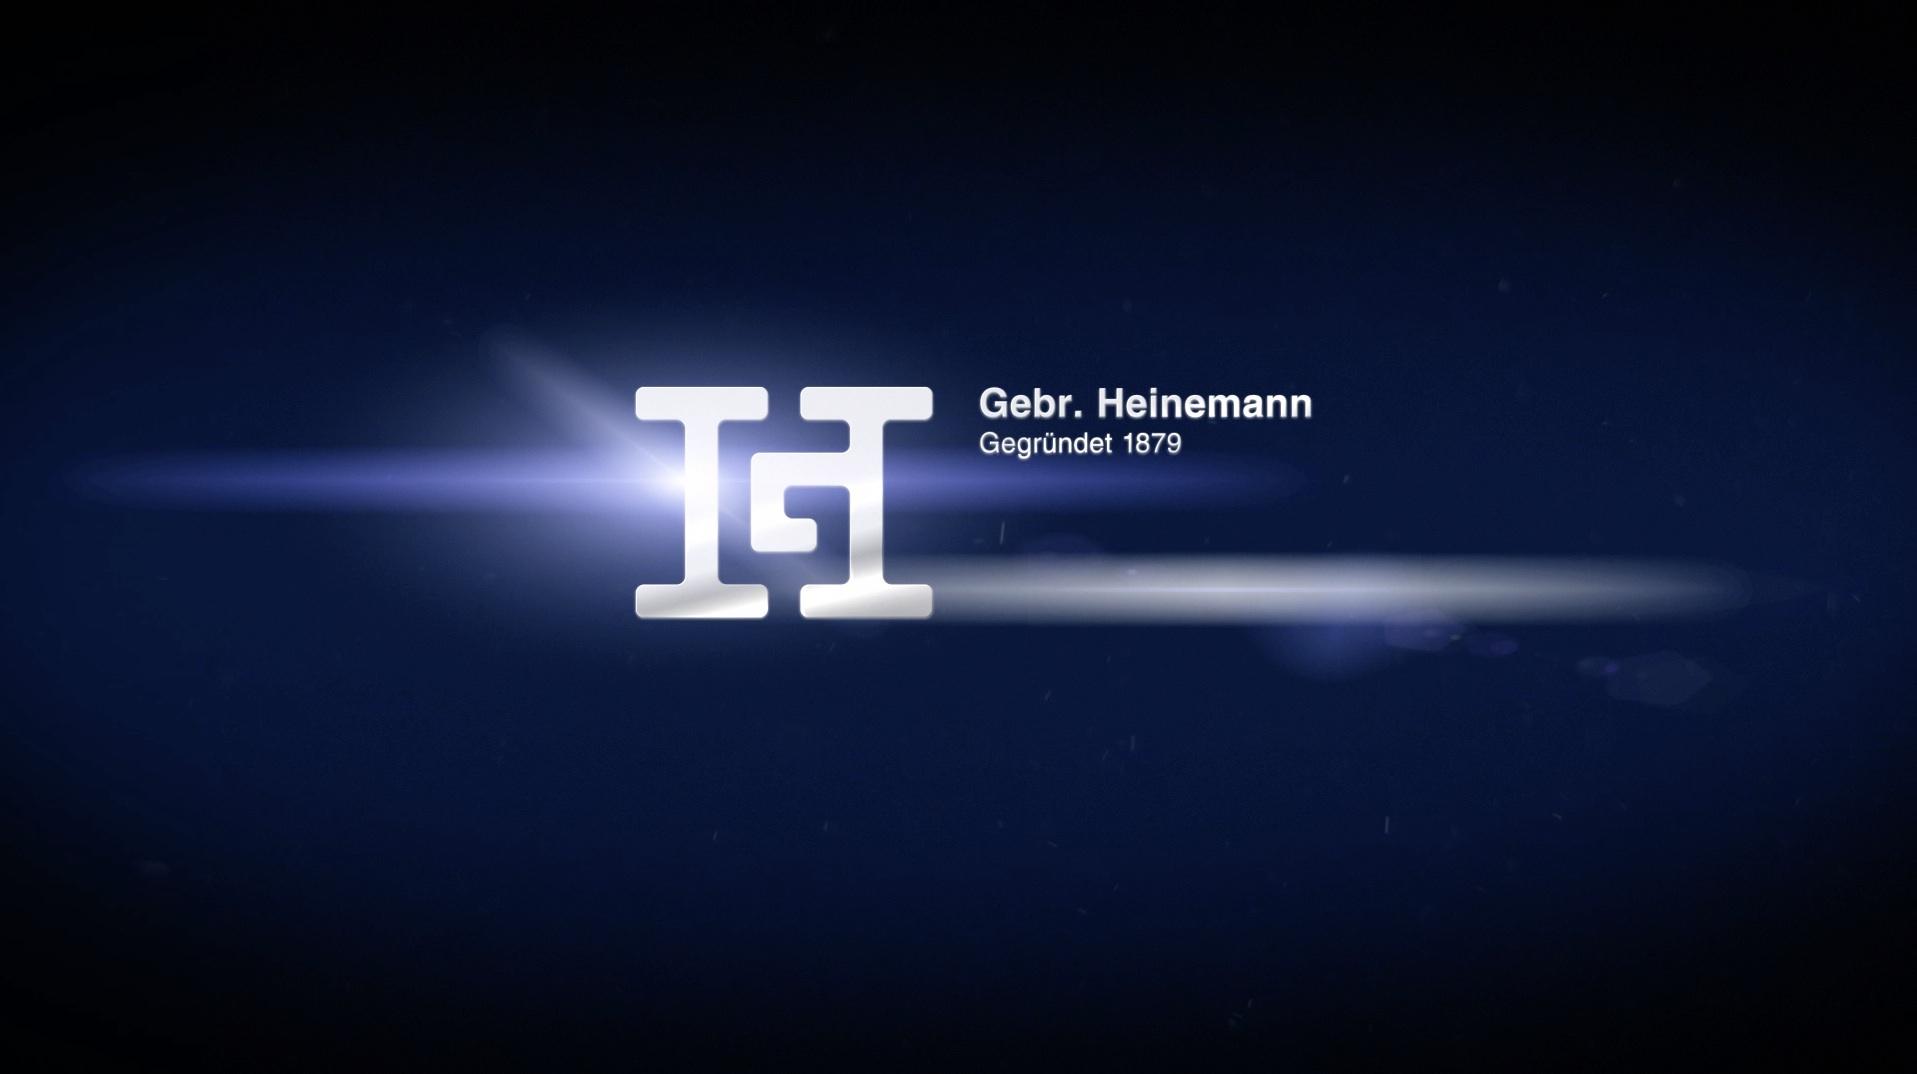 heinemann_2013_1.jpeg